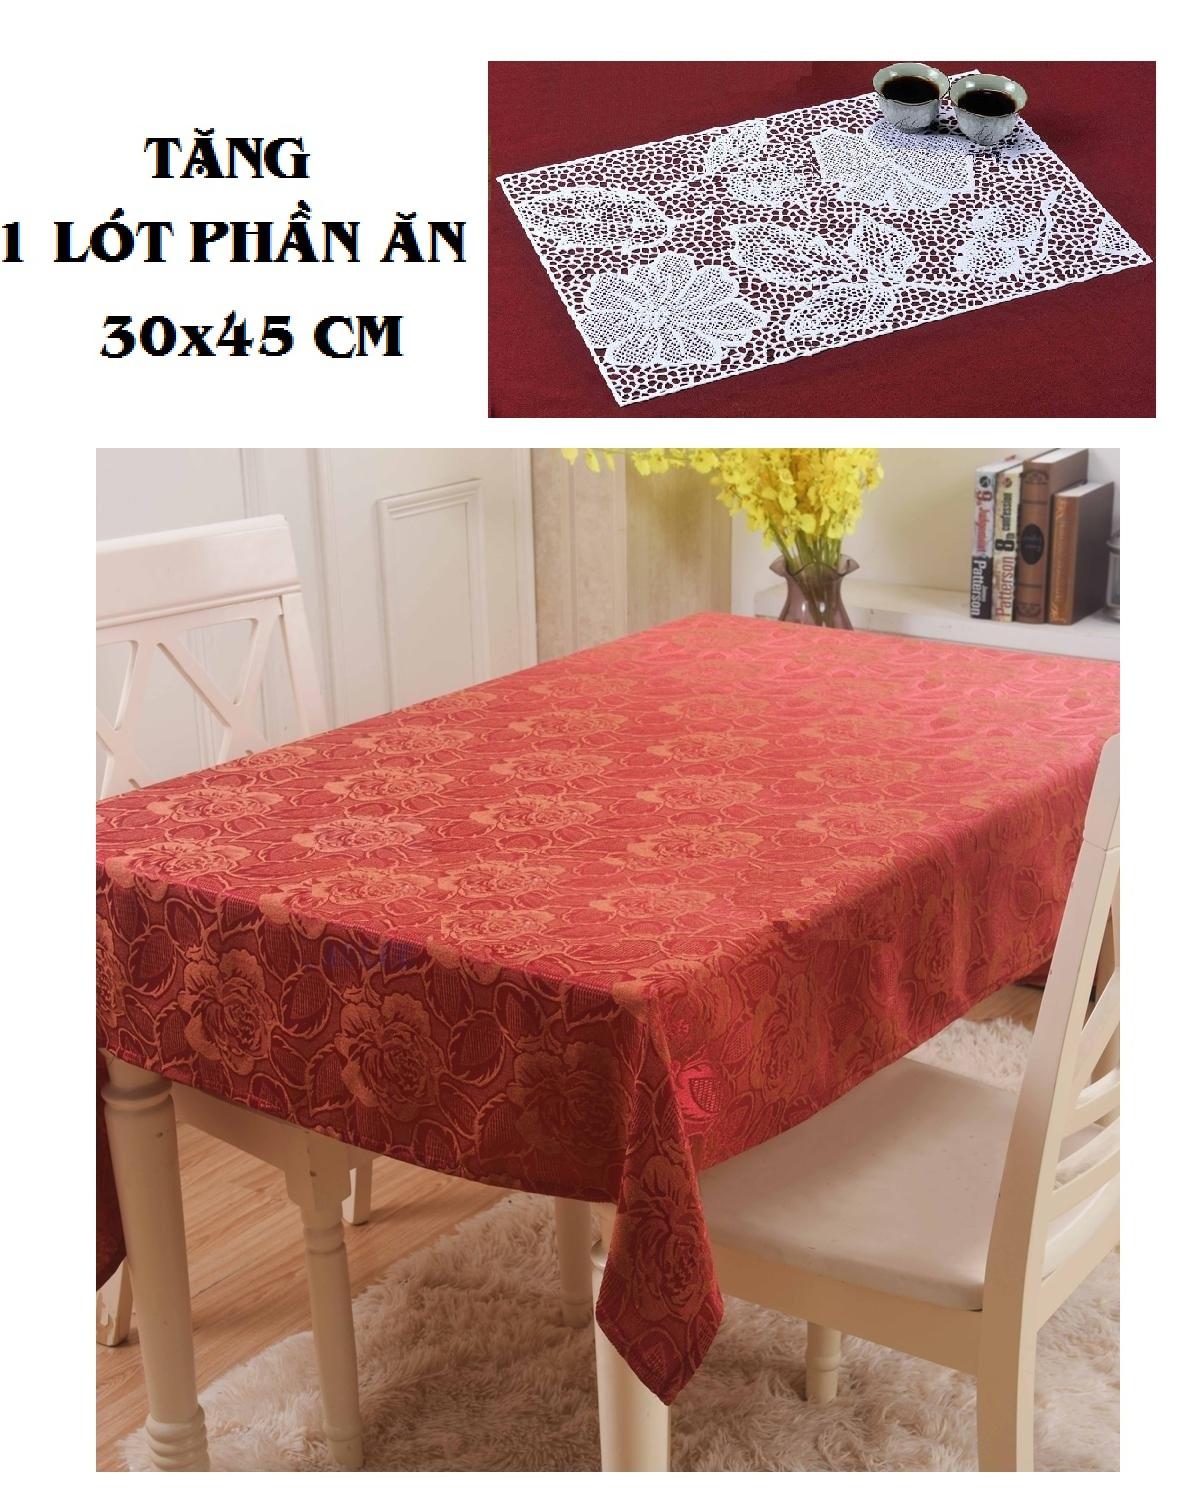 COMBO KHĂN TRẢI BÀN PAULEE - WB 601 (150 x 120 cm) Đỏ - TẶNG LÓT PHẦN ĂN 30 x 45 cm